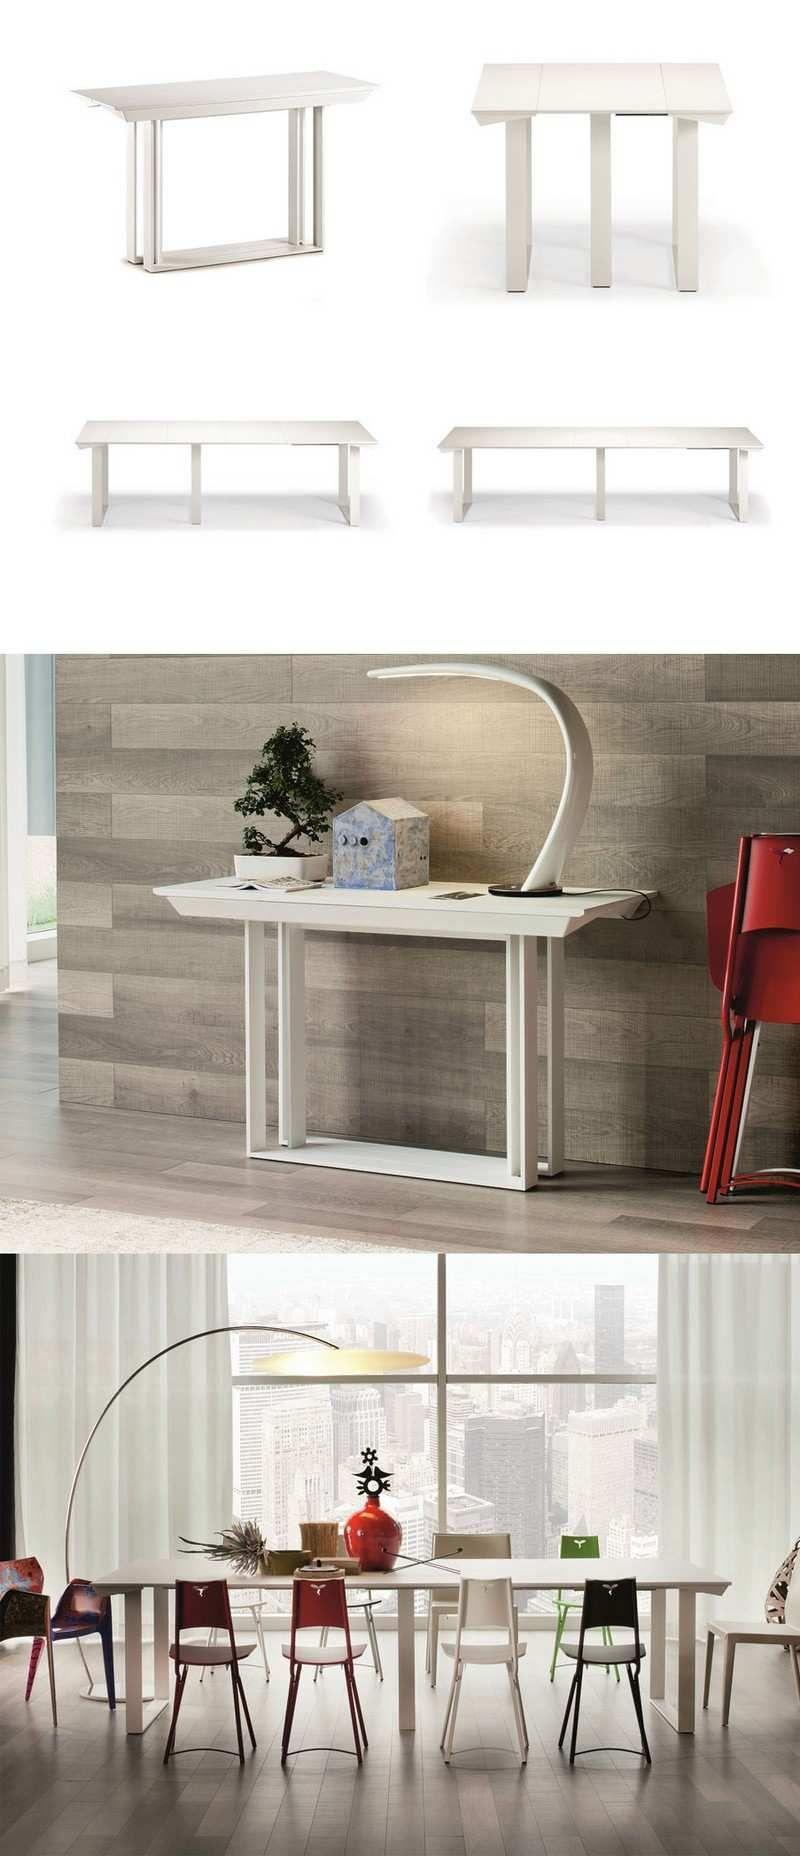 Table Gain De Place Idées Pliantes Rabattables Ou Gigogne - Table a manger extensible blanc laque pour idees de deco de cuisine